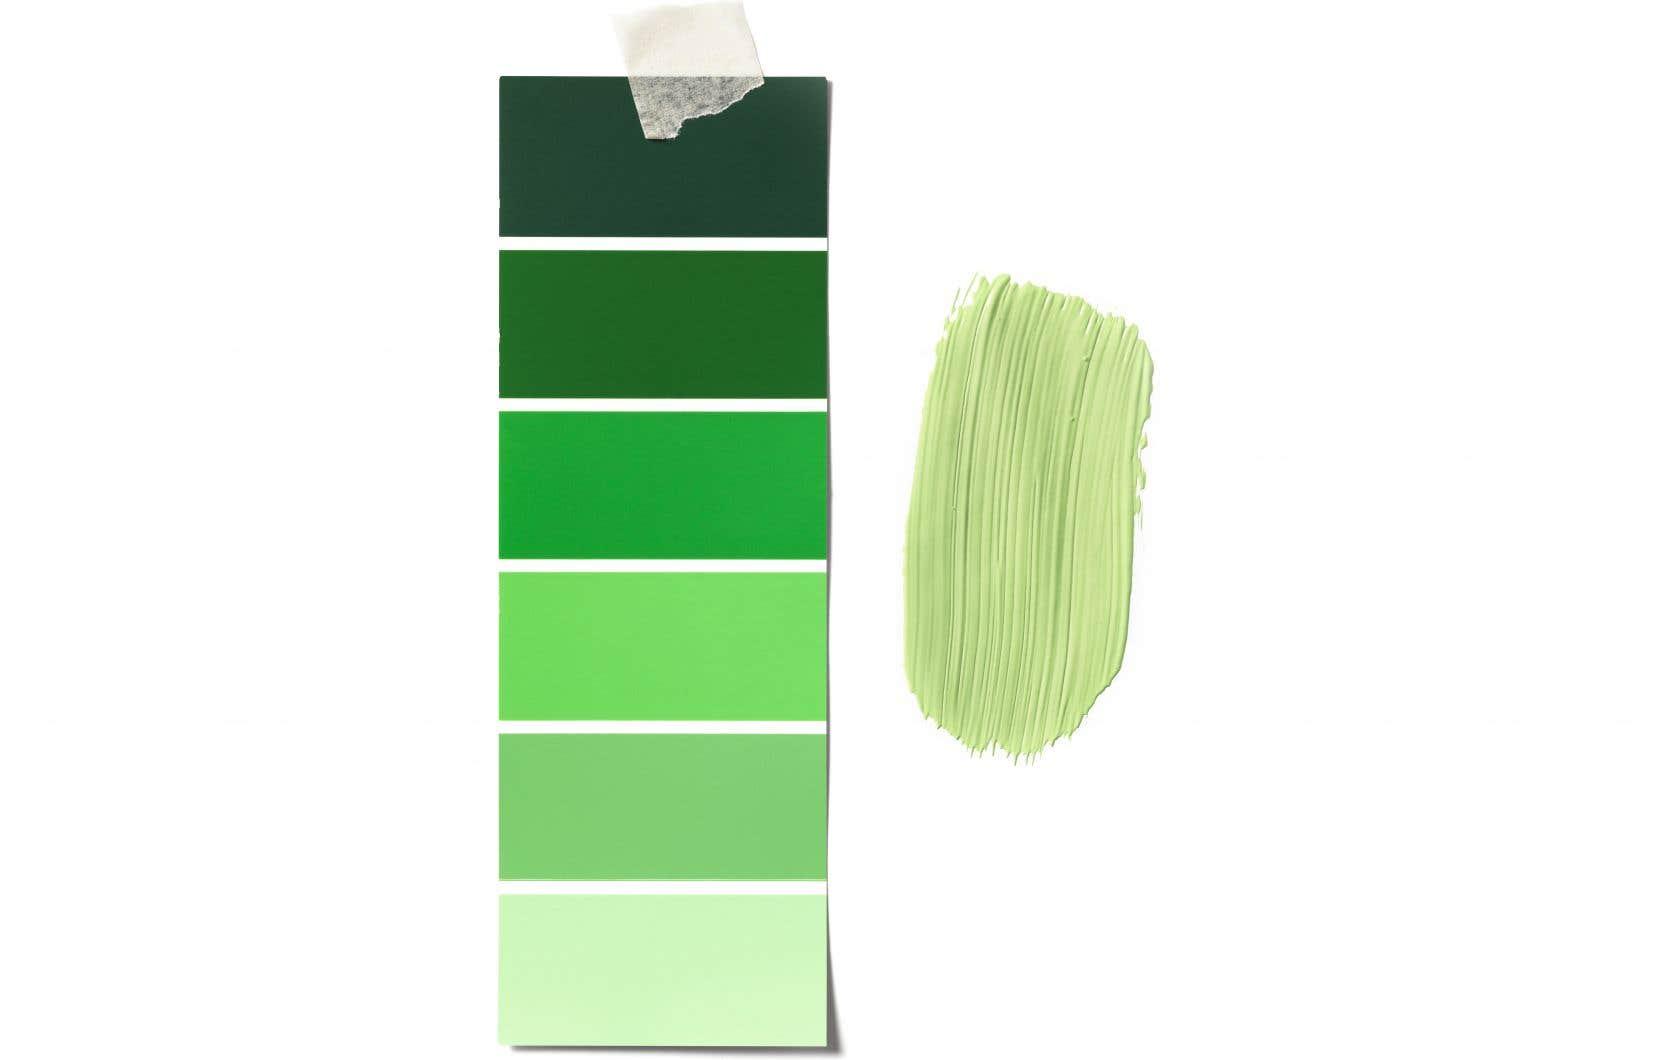 Pourquoi les mouvements et les partis politiques voulant préserver et restaurer l'environnement ont-ils adopté le vert comme couleur distinctive?